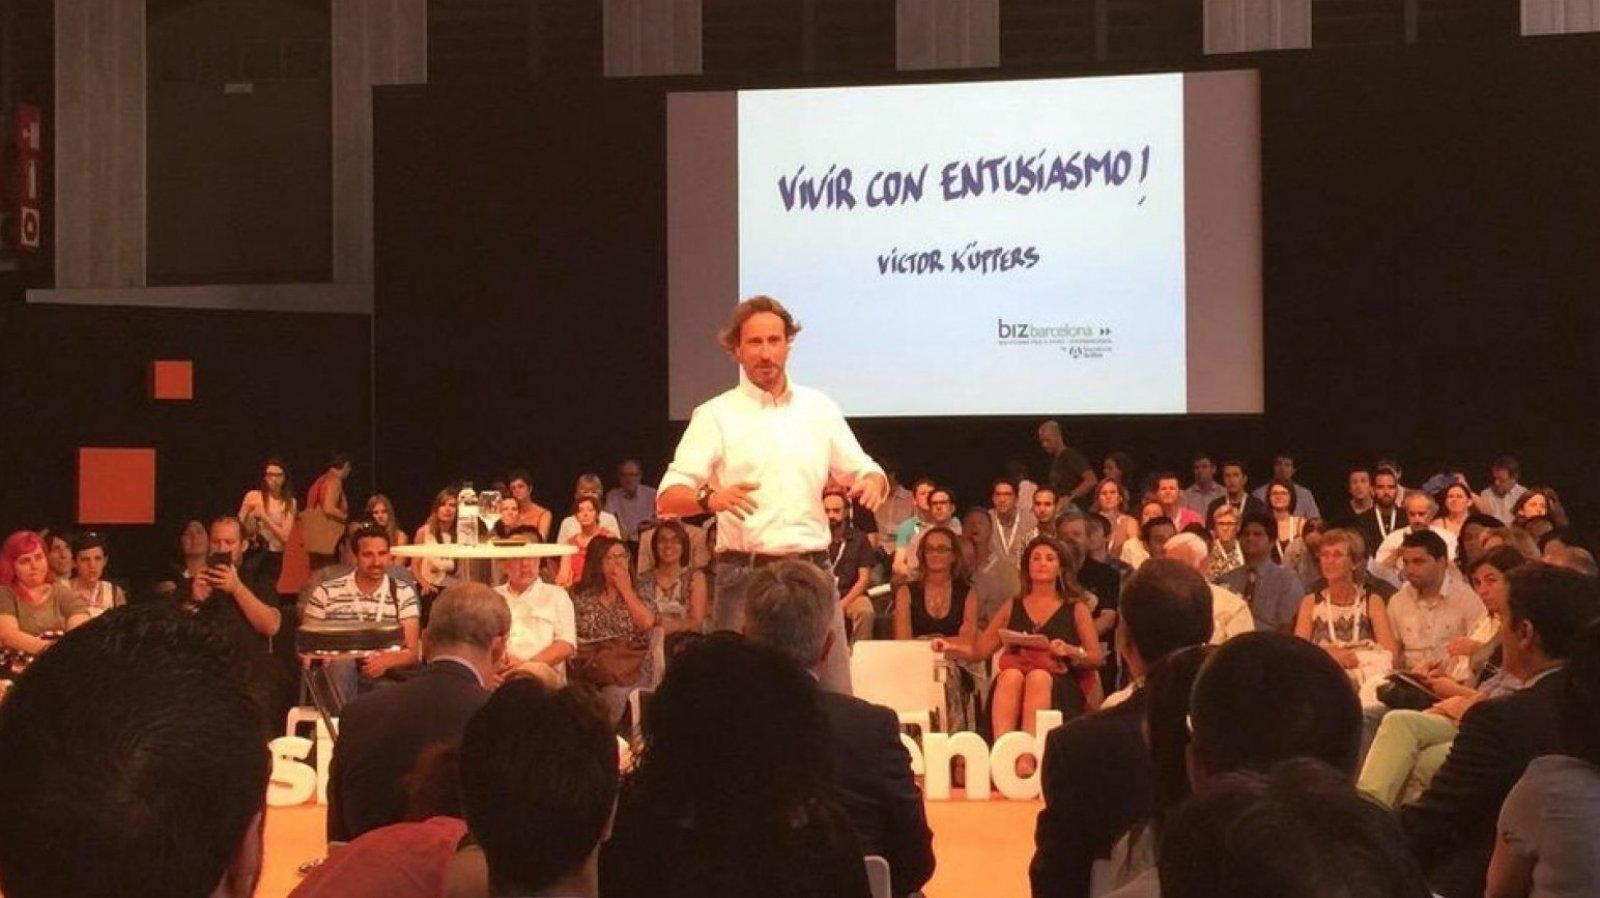 Victor Küppers nos enseña la importancia de vivir con entusiasmo.